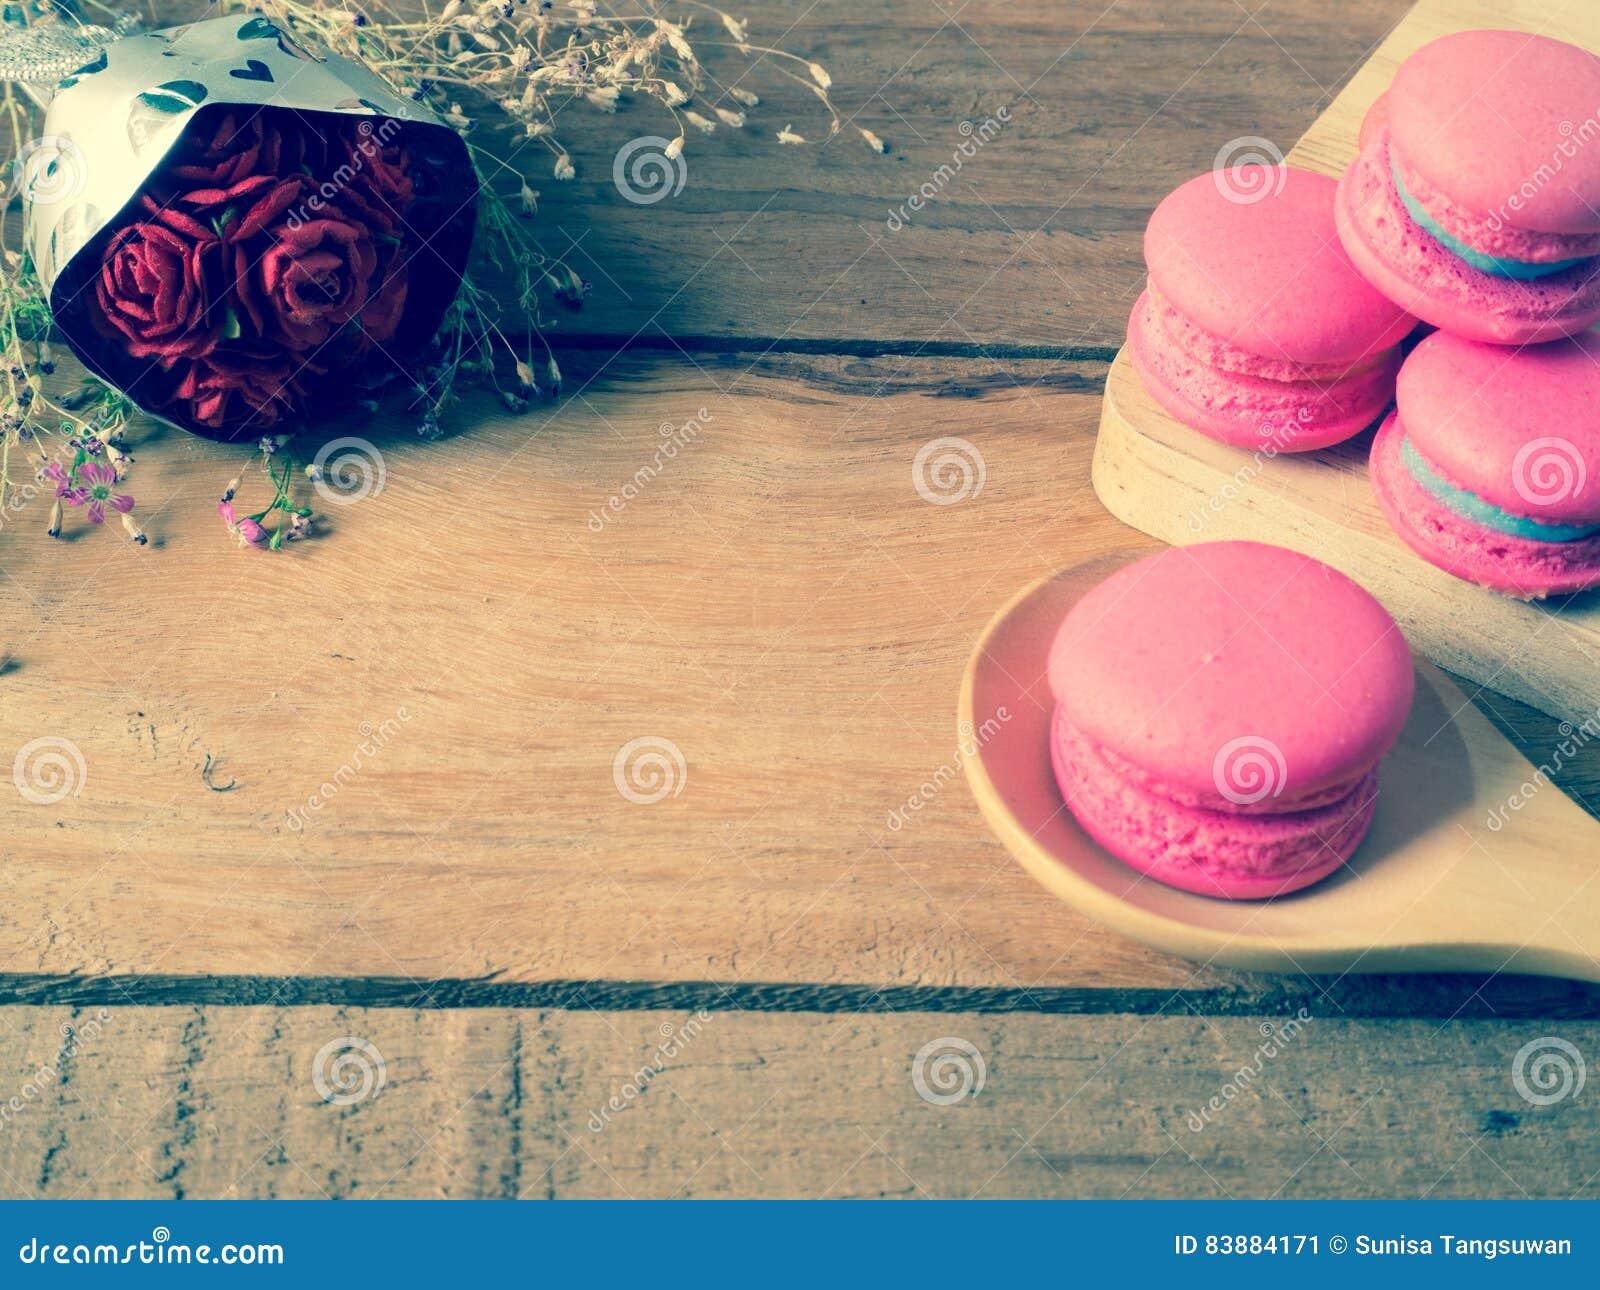 Macaronforvalentine Stock Image Image Of Cuisine Background